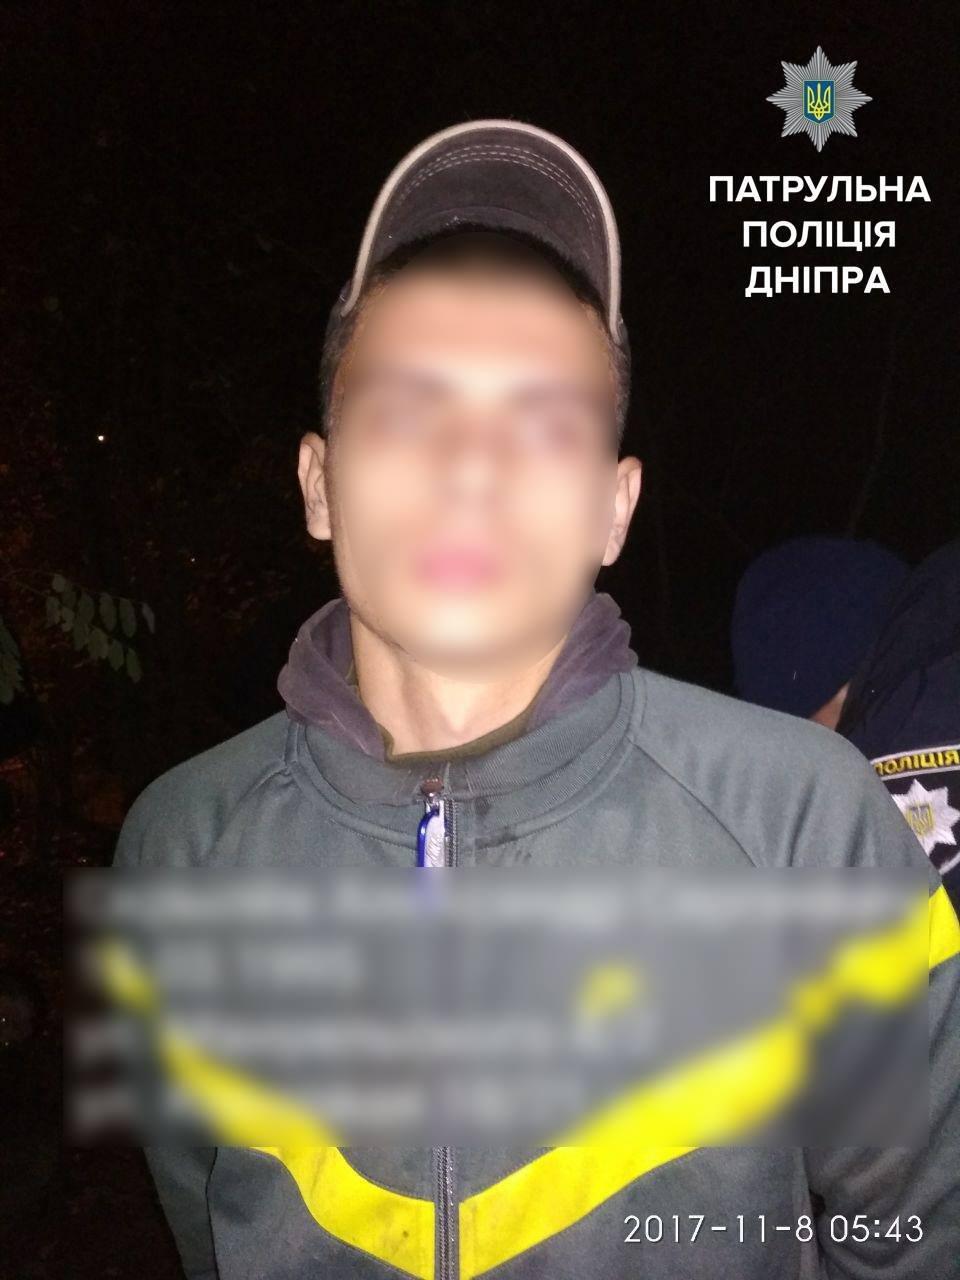 """Днепровские копы на """"горячем"""" поймали воров кабеля (ФОТО), фото-4"""